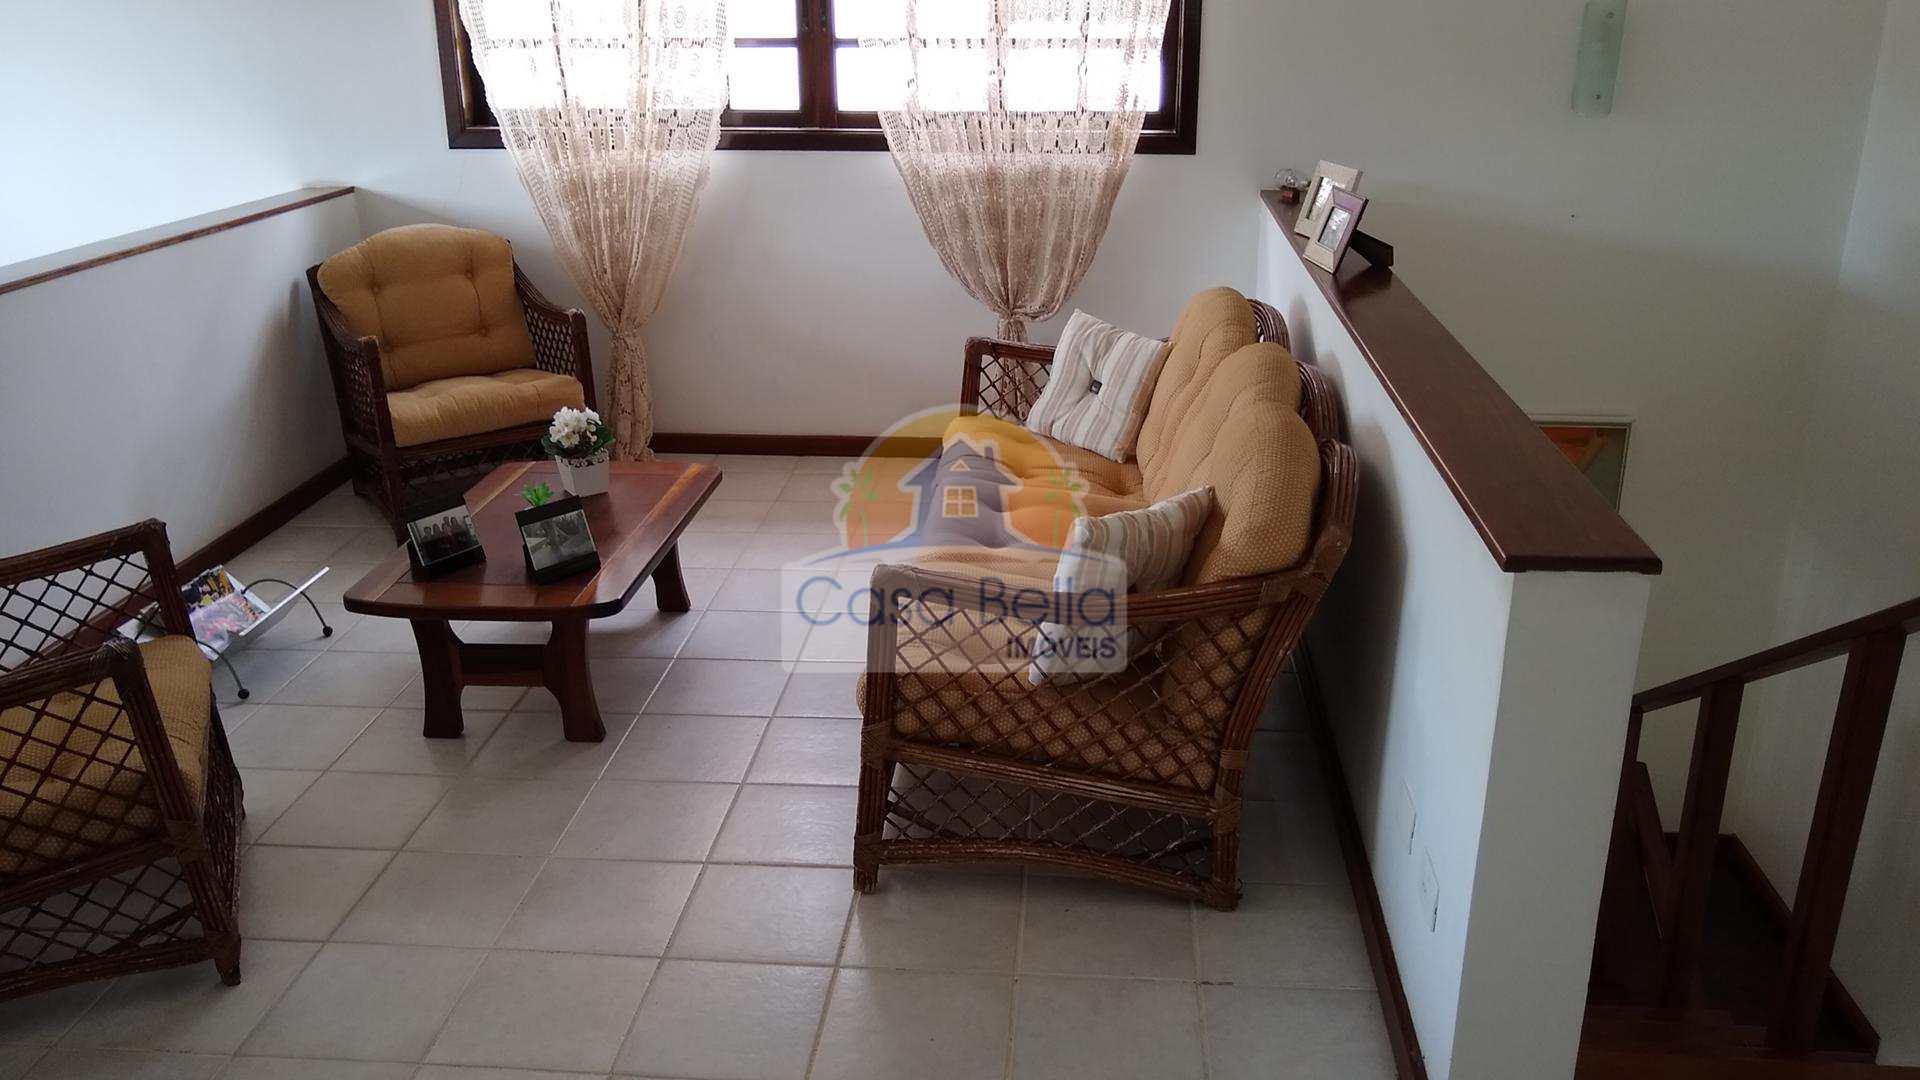 Sobrado de Condomínio com 4 suites, Acapulco, Guarujá